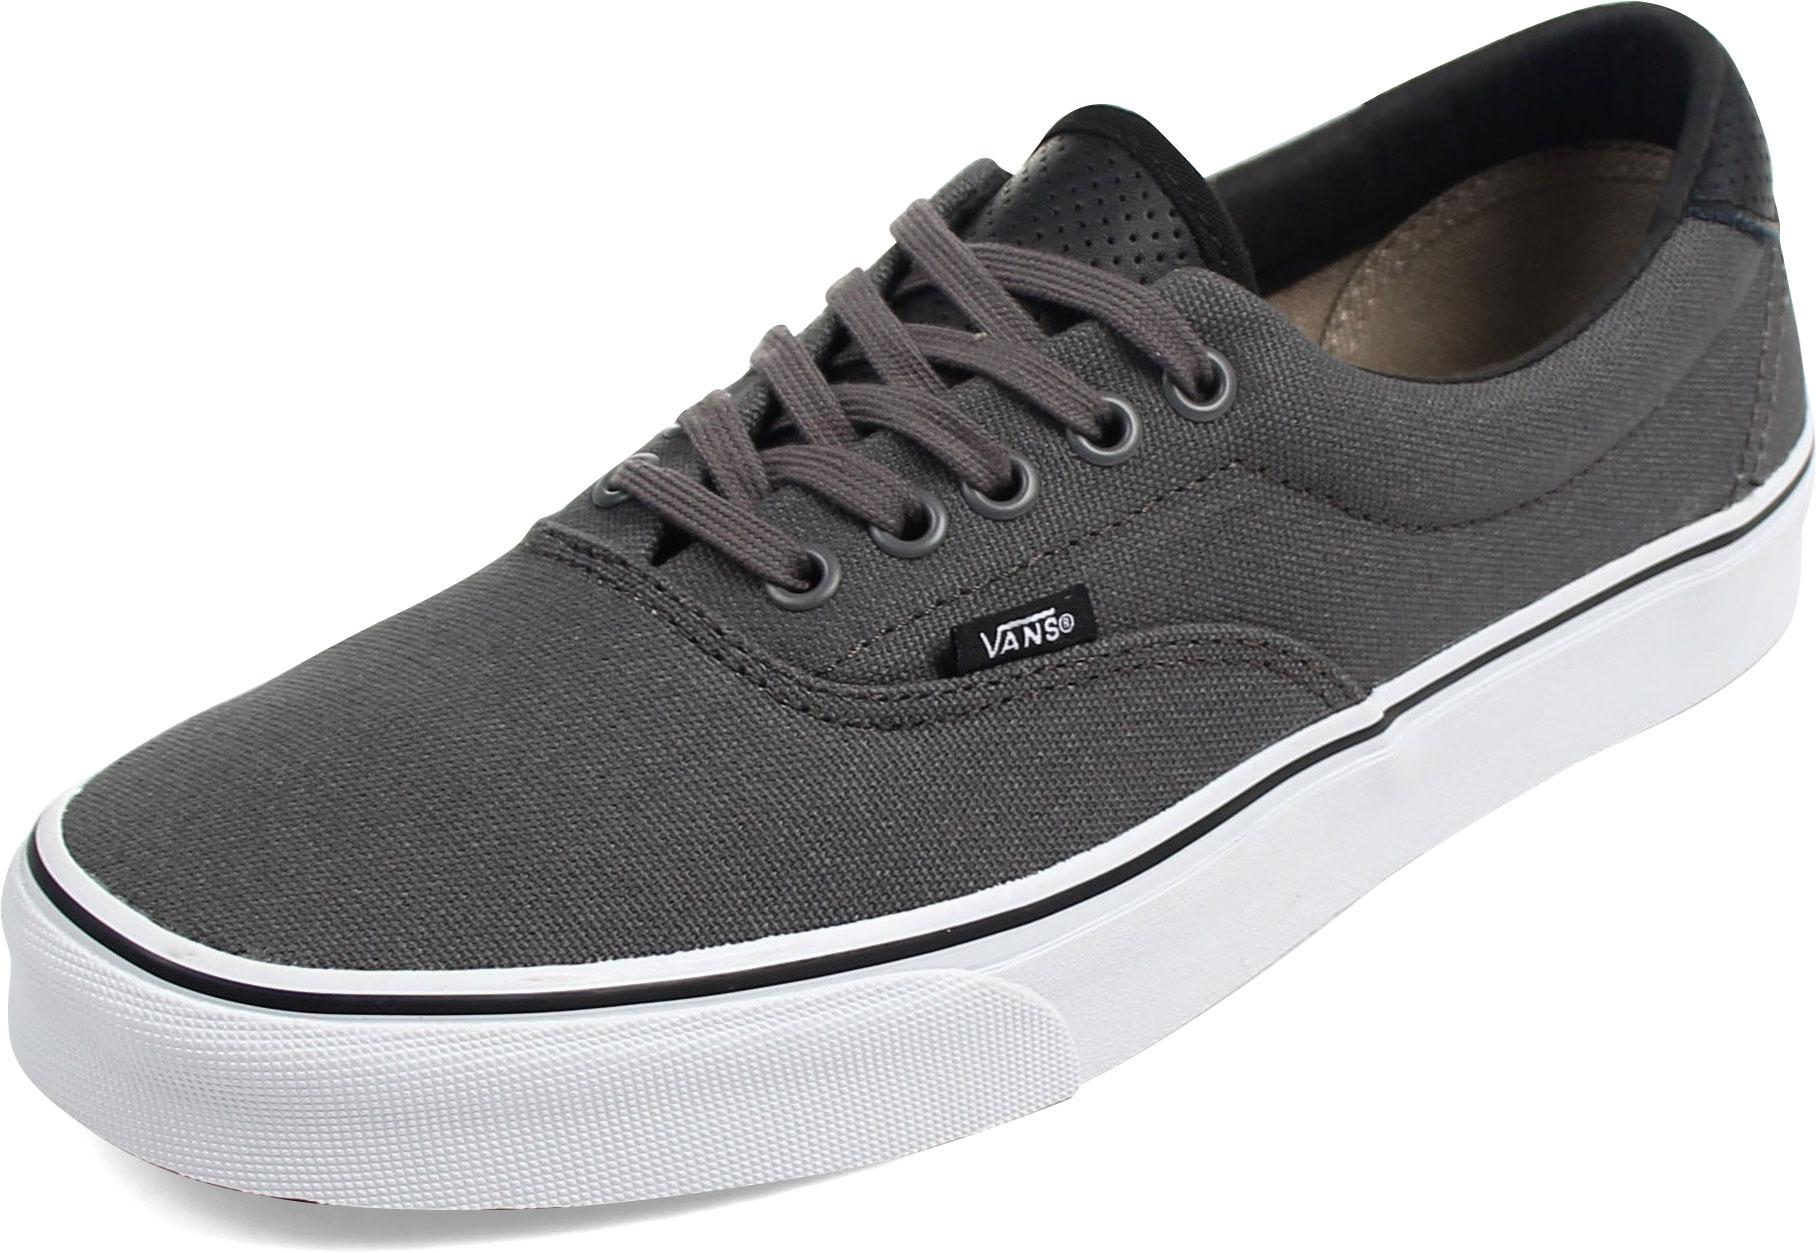 4f41550d198790 Vans - Unisex-Adult Era 59 Shoes